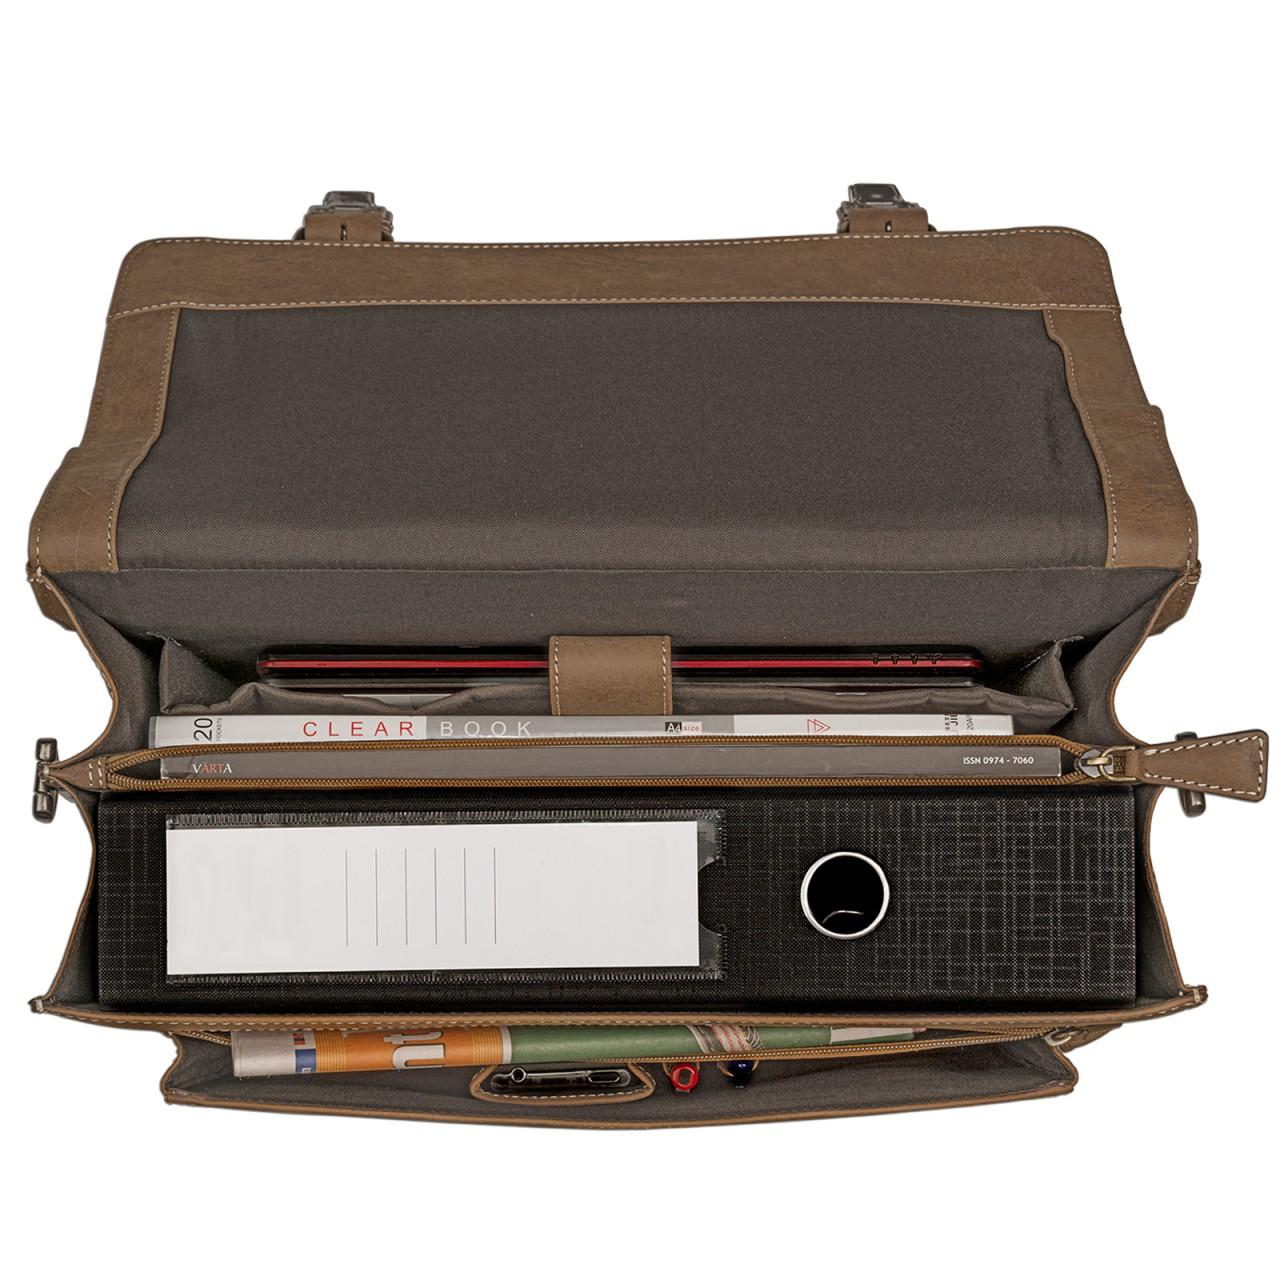 STILORD Elegante Aktentasche im klassischen Design Bürotasche Lehrertasche Umhängetasche Business Handtasche Leder braun - Bild 7